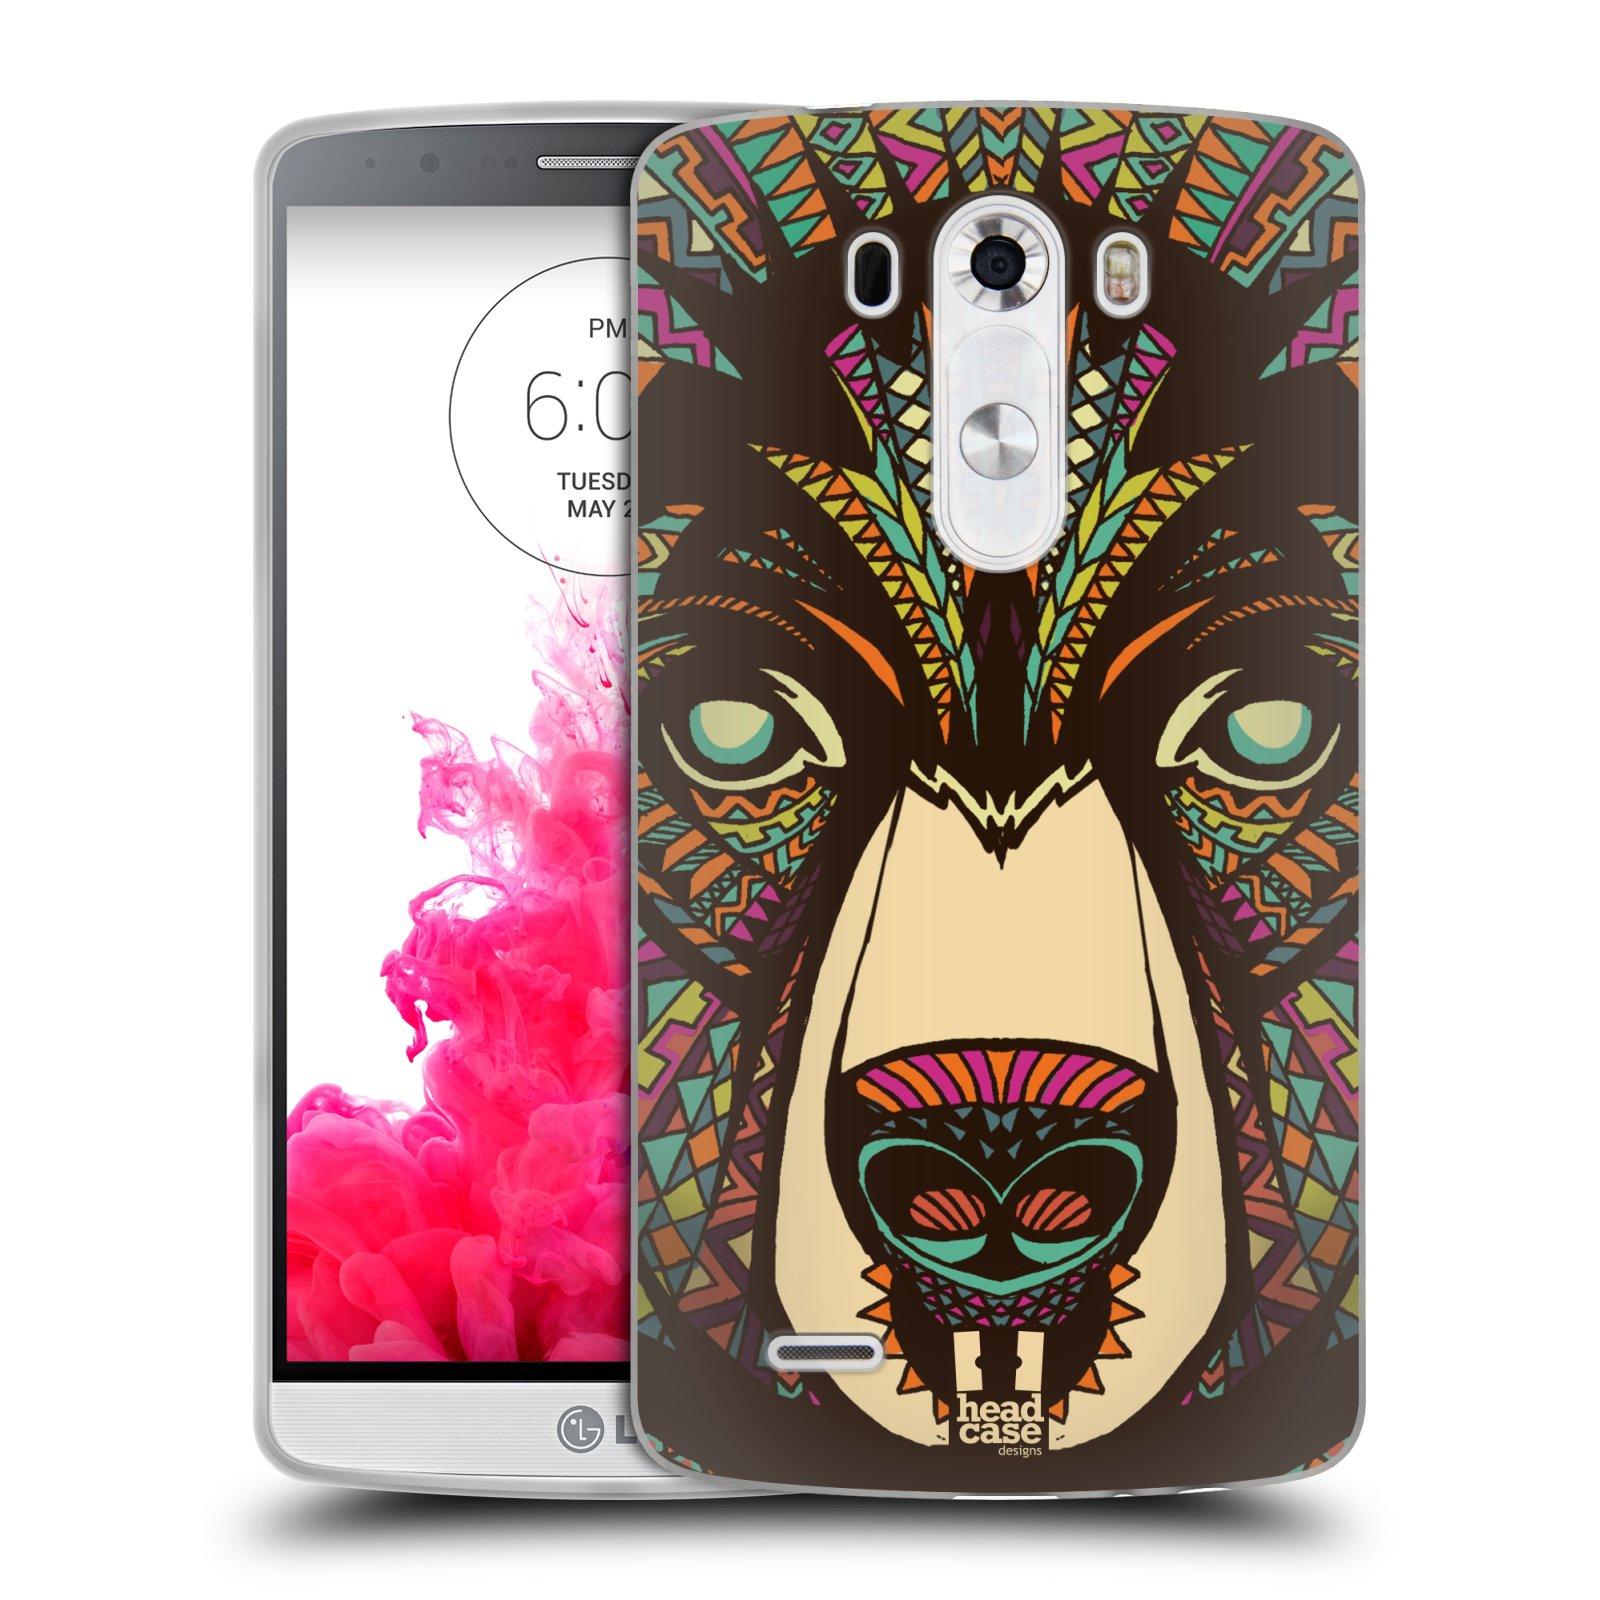 Silikonové pouzdro na mobil LG G3 HEAD CASE AZTEC MEDVĚD (Silikonový kryt či obal na mobilní telefon LG G3 D855)